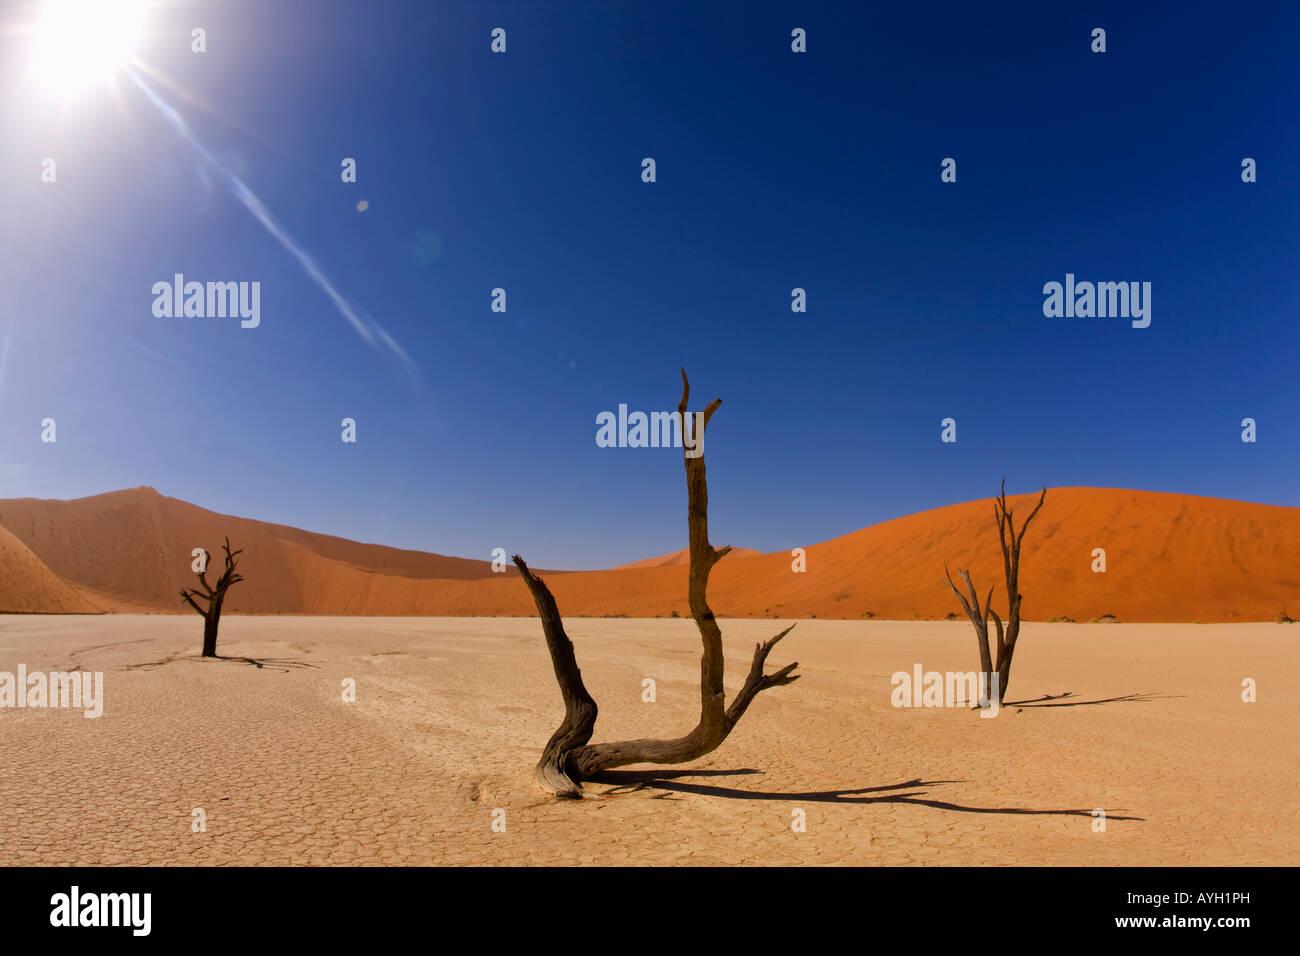 Dead trees, Namib Desert, Namibia, Africa - Stock Image